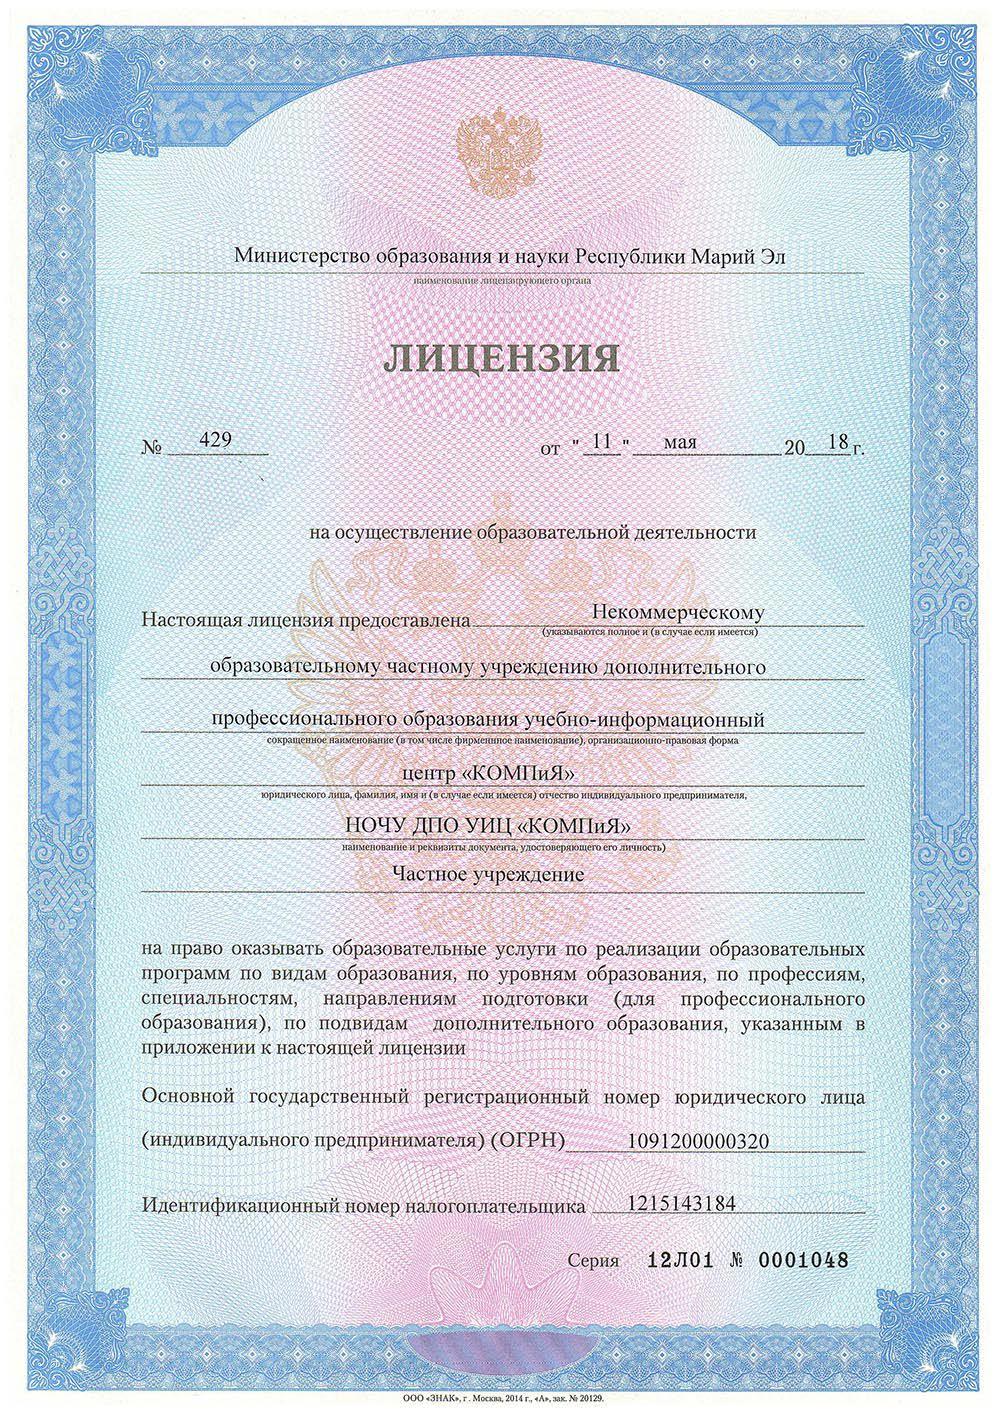 Лицензия КОМПиЯ_Страница_1